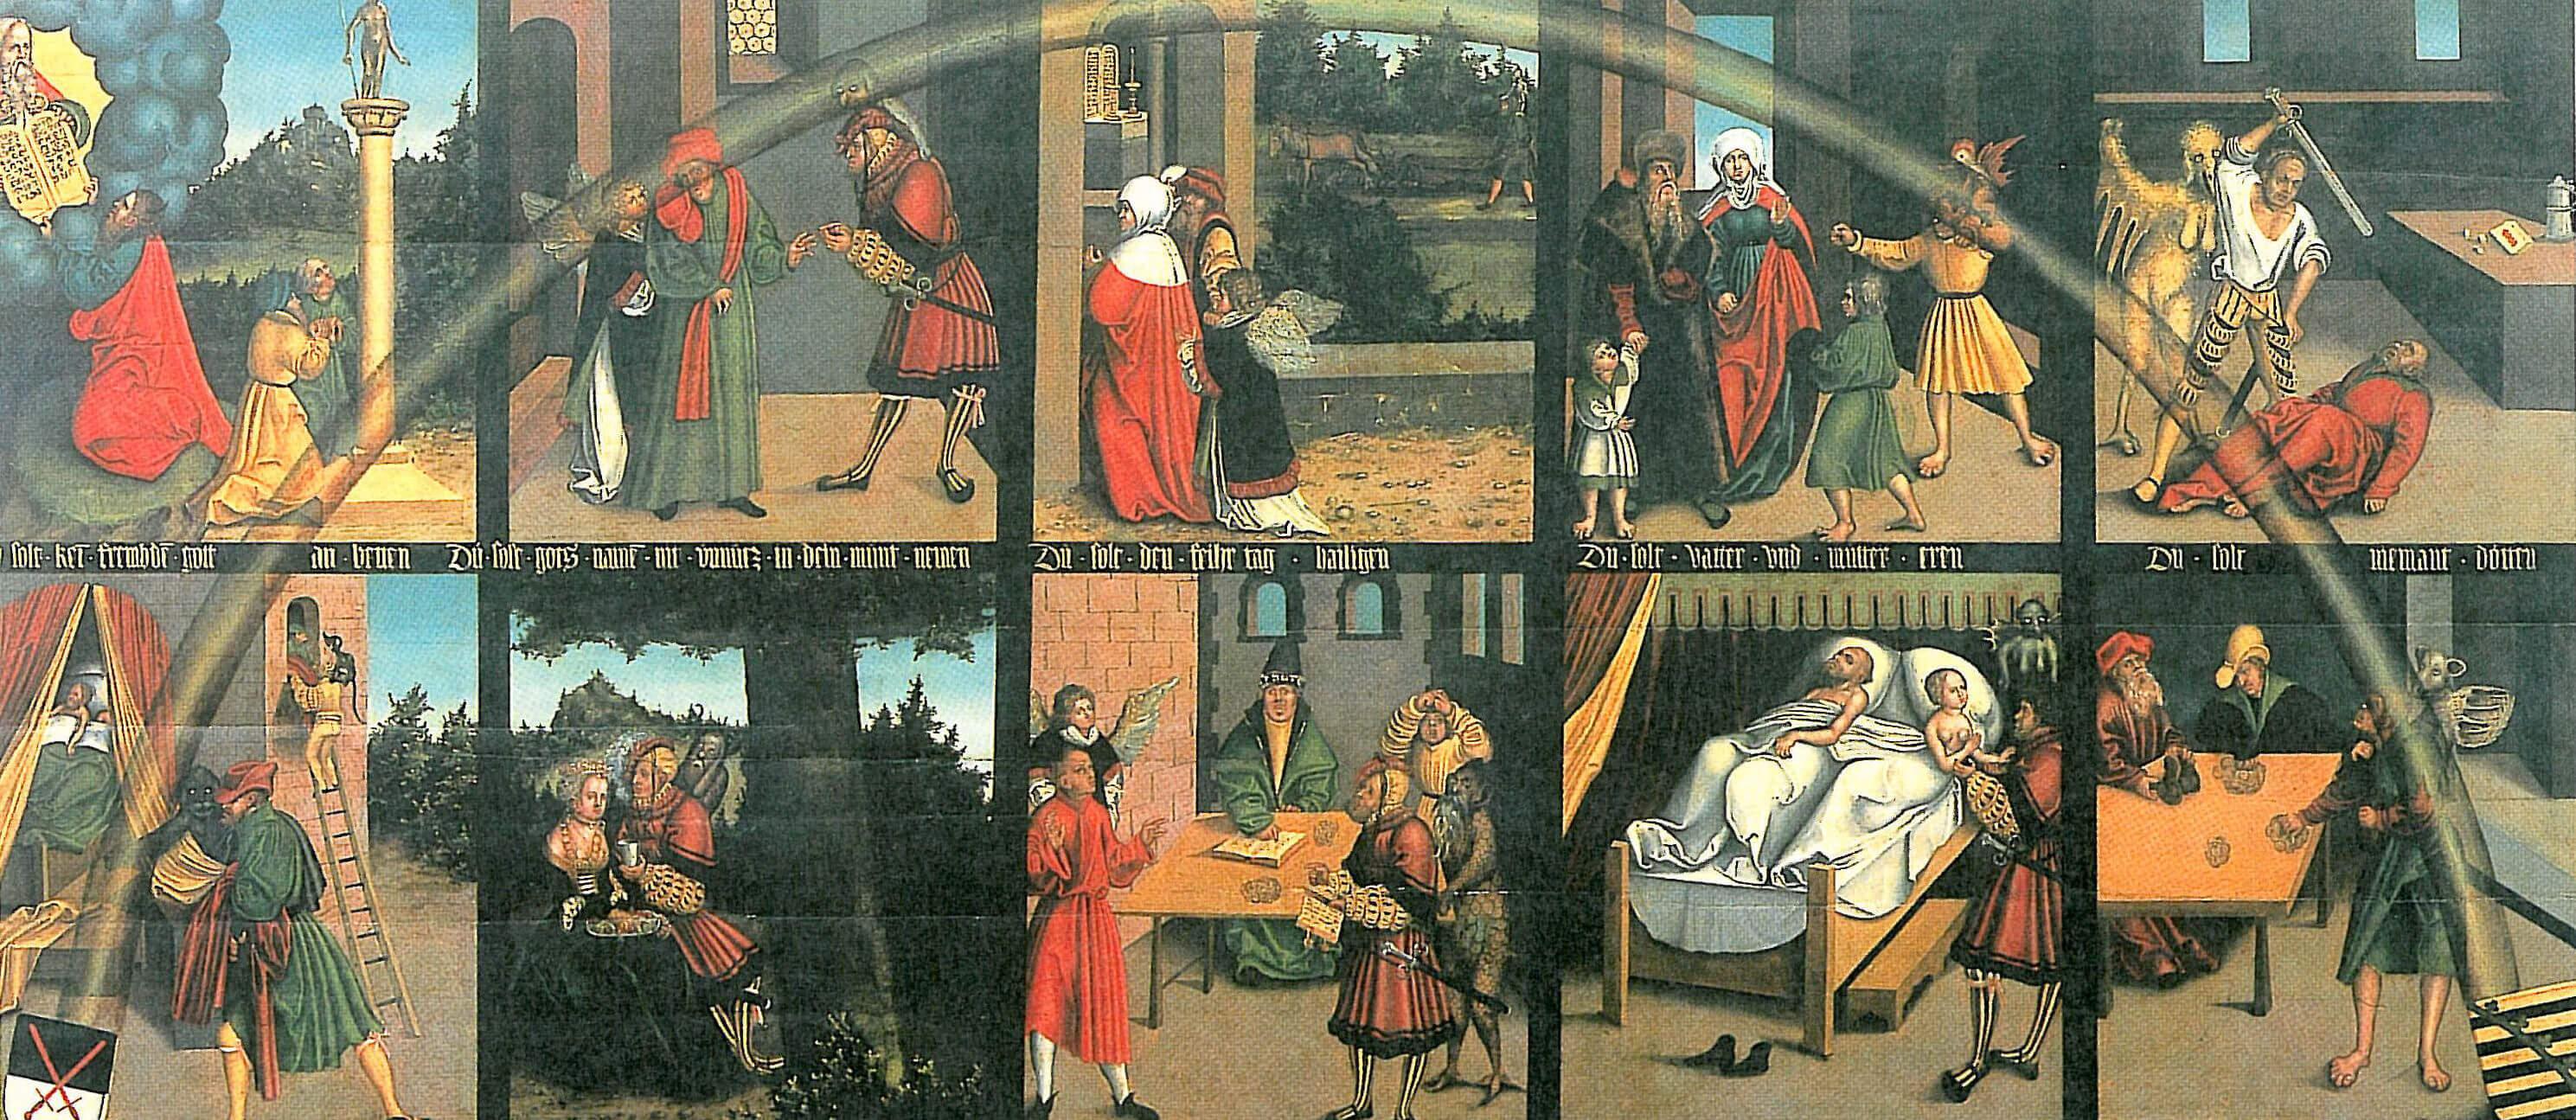 10 Bilder, die jeweils 1 Gebot darstellen, sind in 2 Reihen zu einem Gemälde zusammengefasst